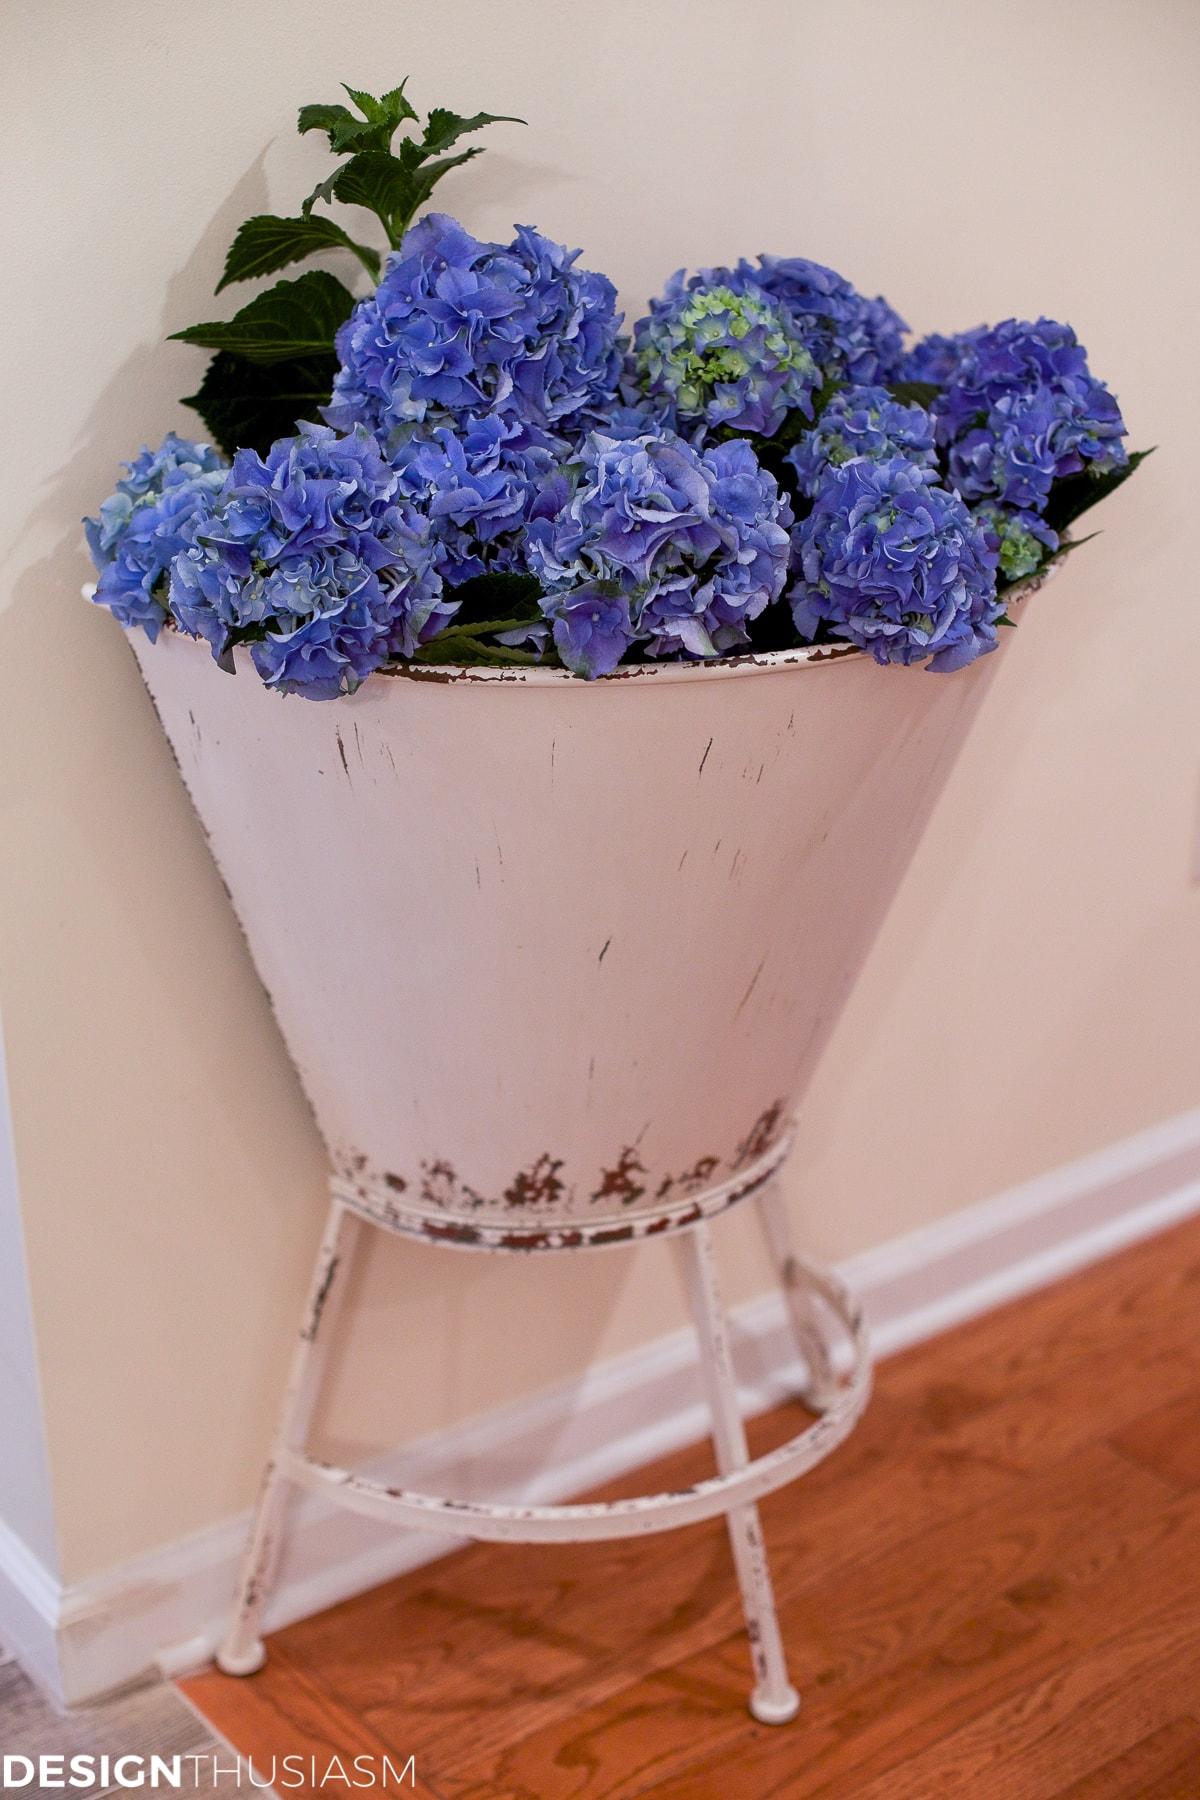 Blue hydrangea in a metal planter - designthusiasm.com